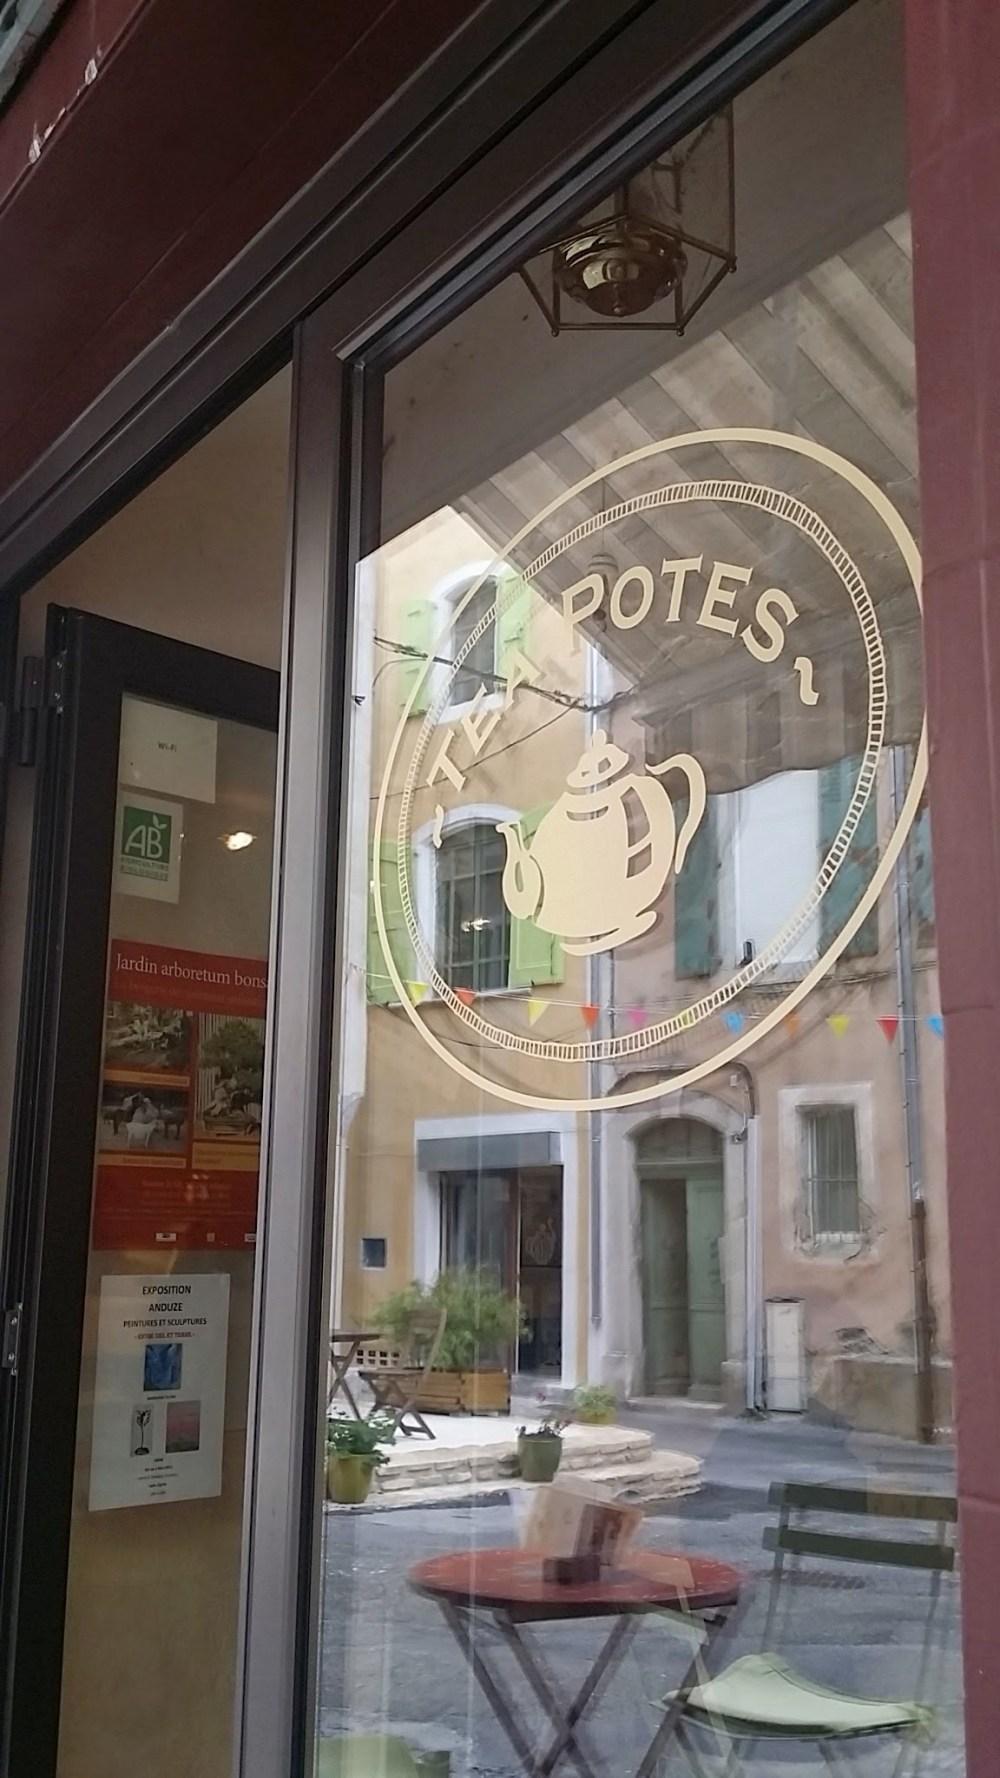 Tea Potes